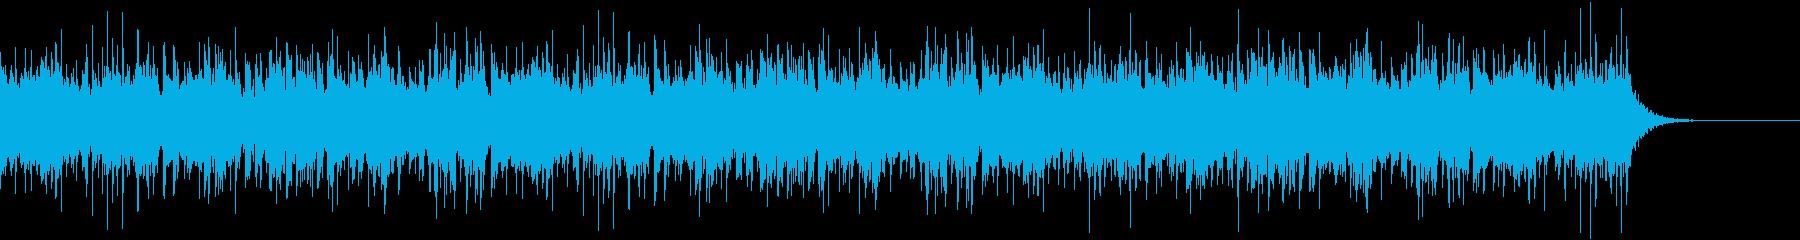 話や説明のまとめに似合う音。の再生済みの波形